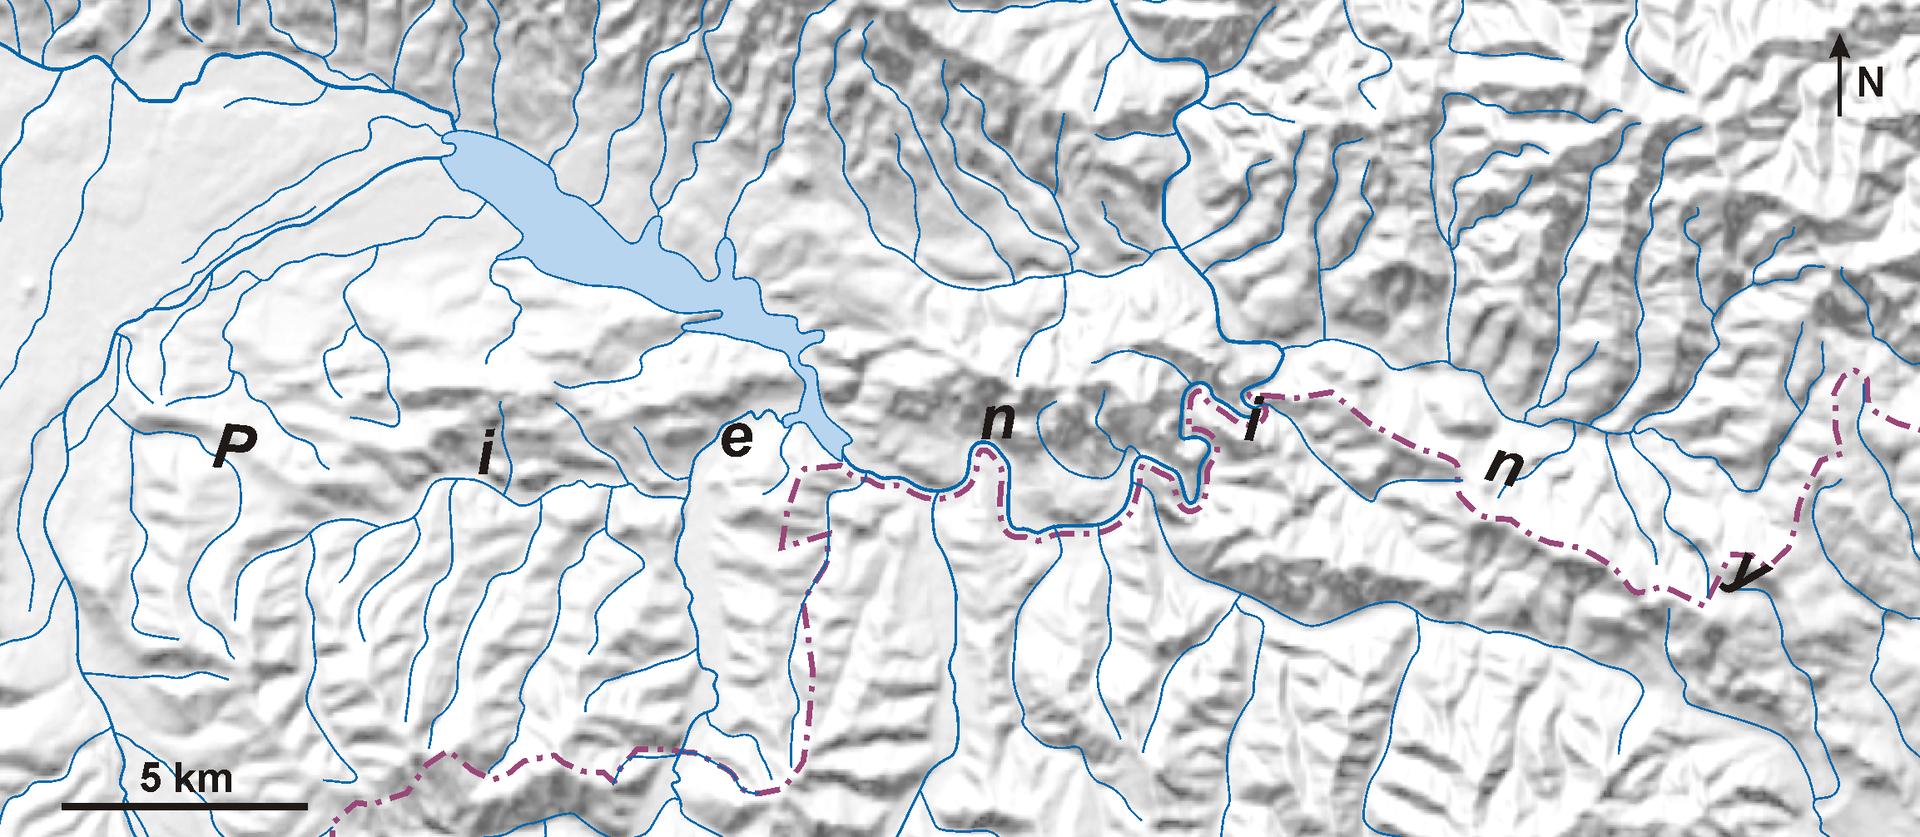 Ilustracja przedstawia mapę, wktórej rzeźba zobrazowana jest metodą cieniowania. Mapa obejmuje góry Pieniny. Mapa wkształcie poziomo ułożonego prostokąta. Kolor niebieski wskazuje zbiorniki wodne. Zbiornik wkształcie wydłużonej elipsy po lewej stronie mapy to jezioro wgórach. Od jeziora rozchodzą się niebieskie kreski. To rzeki. Cała powierzchnia mapy jest jasna. Plastyczność terenu jest przedstawiona za pomocą odpowiednio zacieniowanych zboczy gór. Im wyższe wzniesienie tym cień jest ciemniejszy. Zacienione są południowo-wschodnie zbocza, aoświetlone północno-zachodnie. Powoduje to wrażenie mocno pofałdowanego terenu. Najwyższe szczyty gór znajdują się wgórnej części mapy. Dolna część mapy jest jaśniejsza irobi wrażenie mniej pofałdowanej. Koryta rzek rozgałęziają się wdolinach.